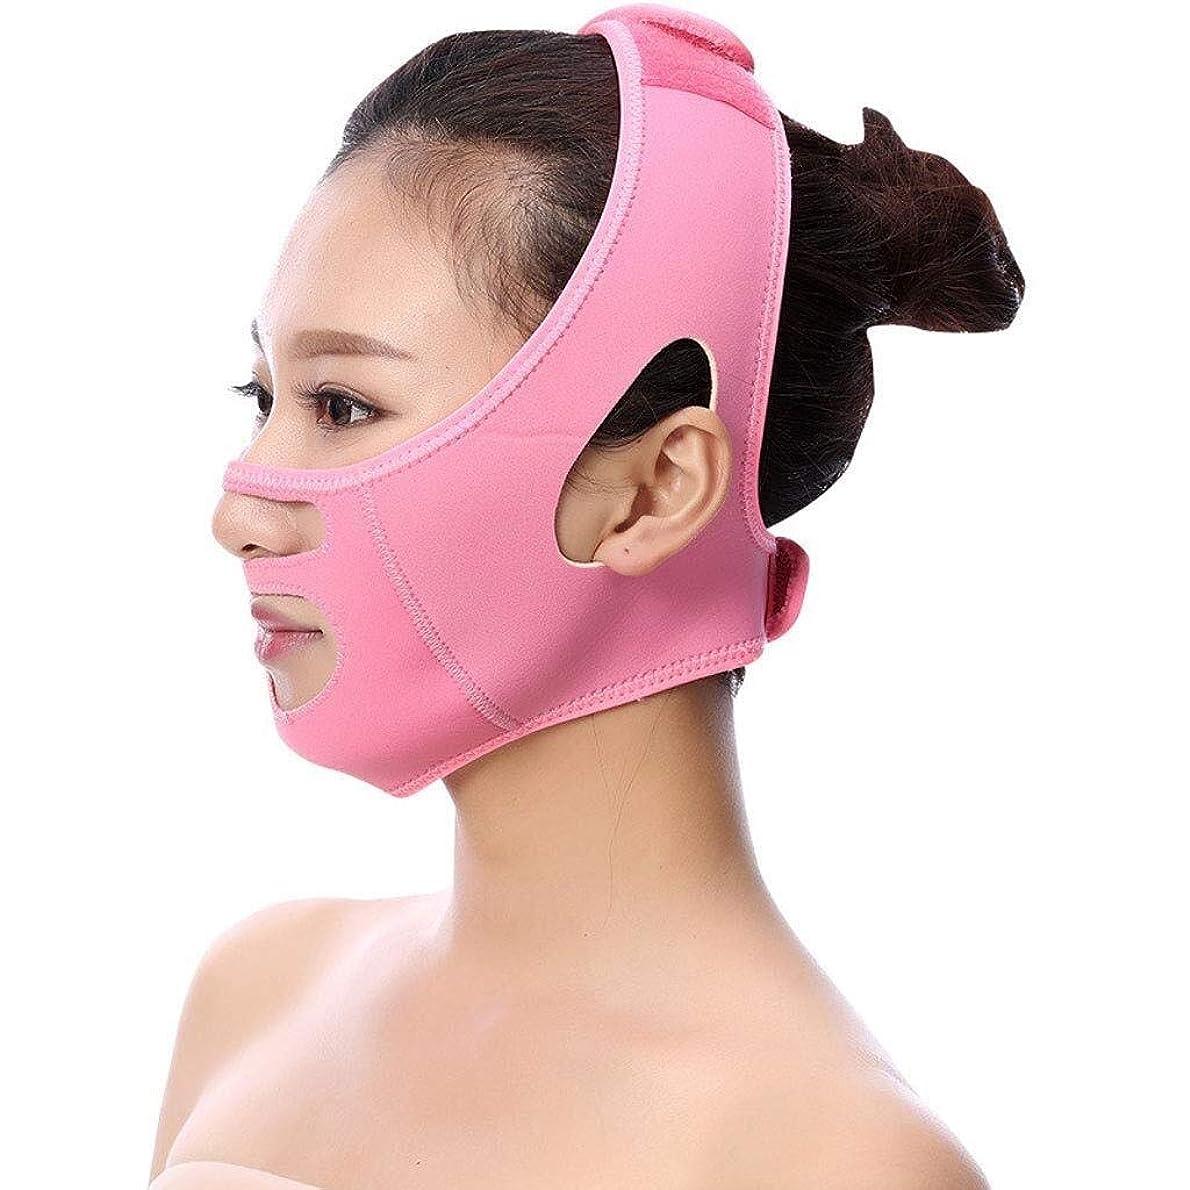 古風なトランザクション廃棄する顔の持ち上がる細くの伸縮性があるベルト、 フェイススリミングマスク、Vフェイスベルトフェイスリフト包帯 女性用バンドを持ち上げる (Color : Pink)